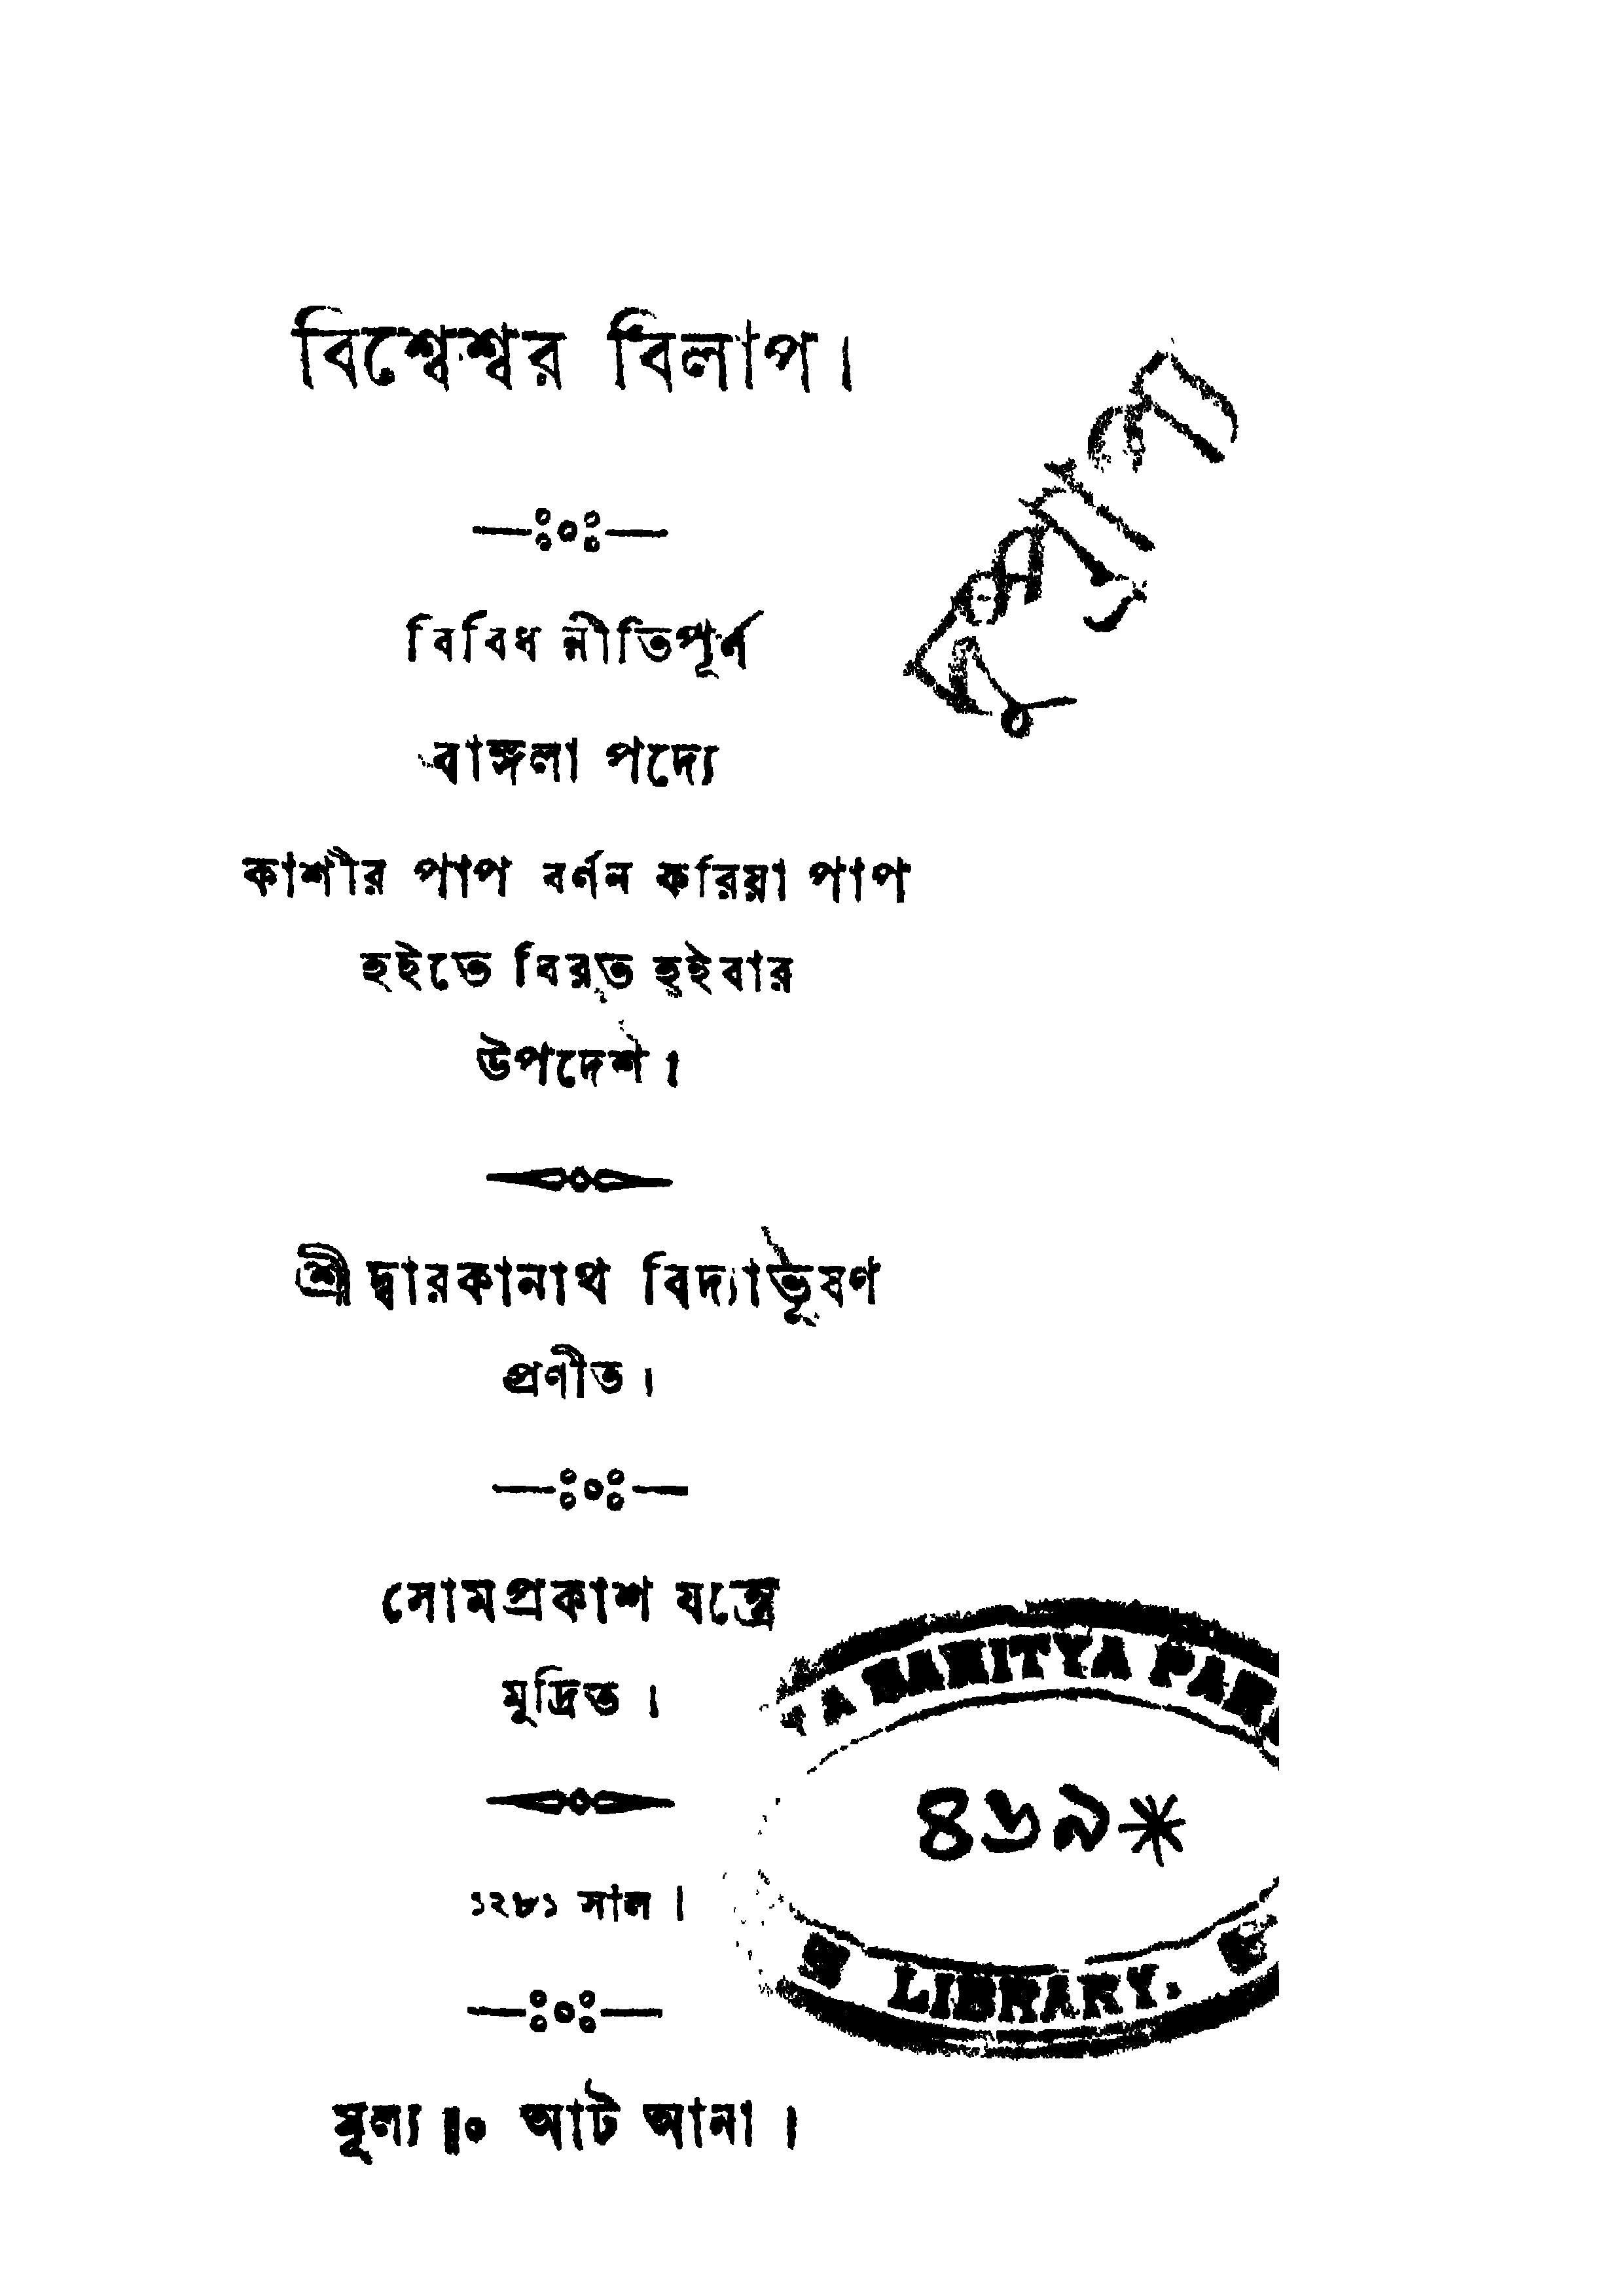 File:4990010196872 - Bisweswar Bilap, Vidyabhusan,Darakanath, 128p